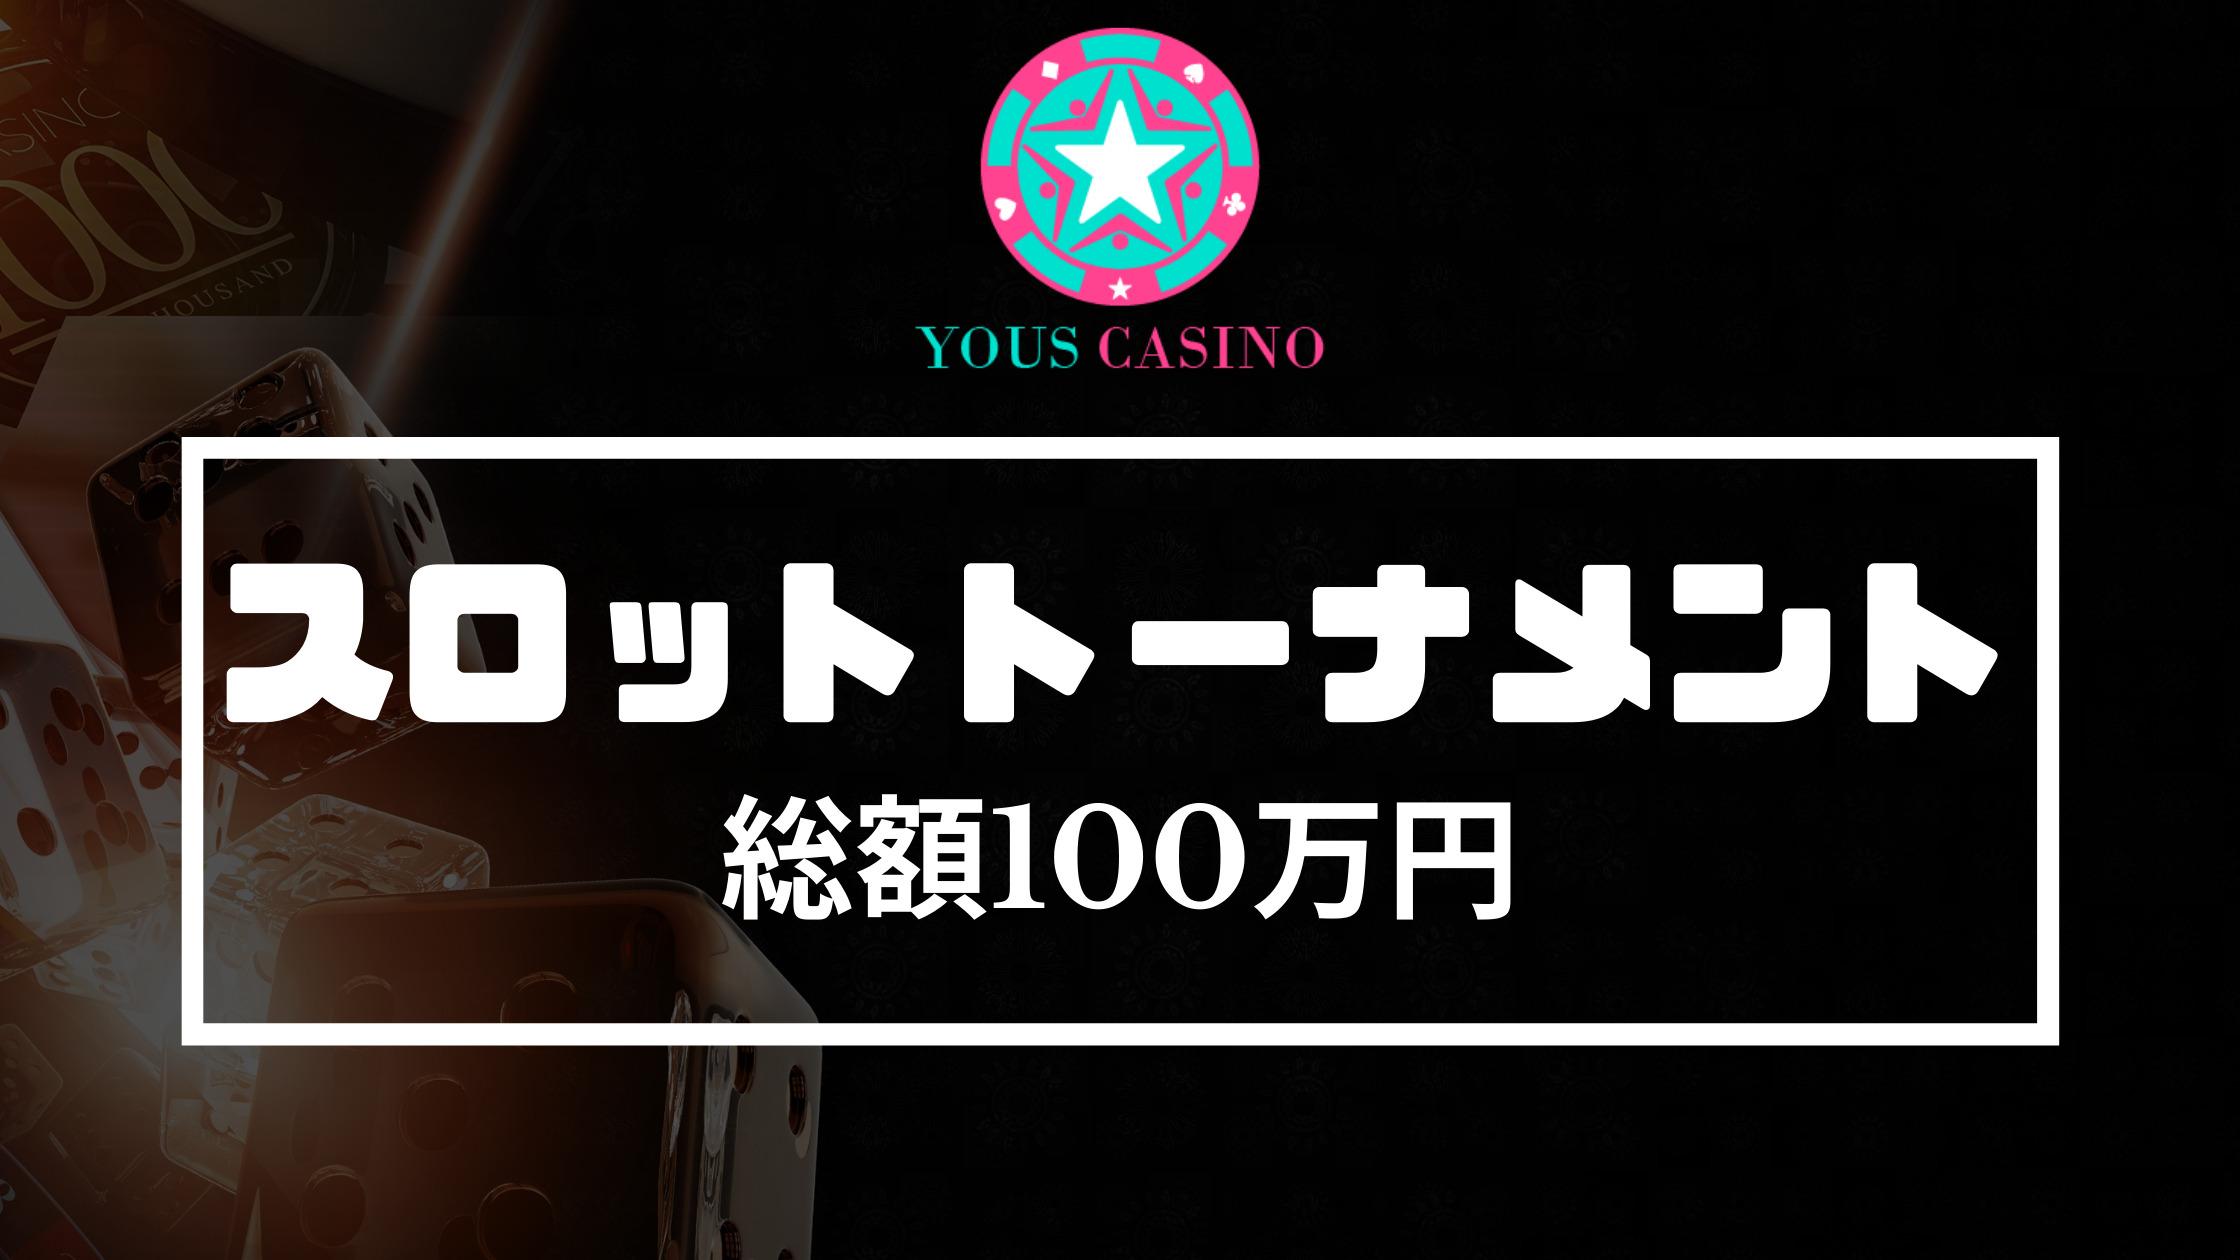 【ユースカジノ】総額100万スロットトーナメント開催中!!